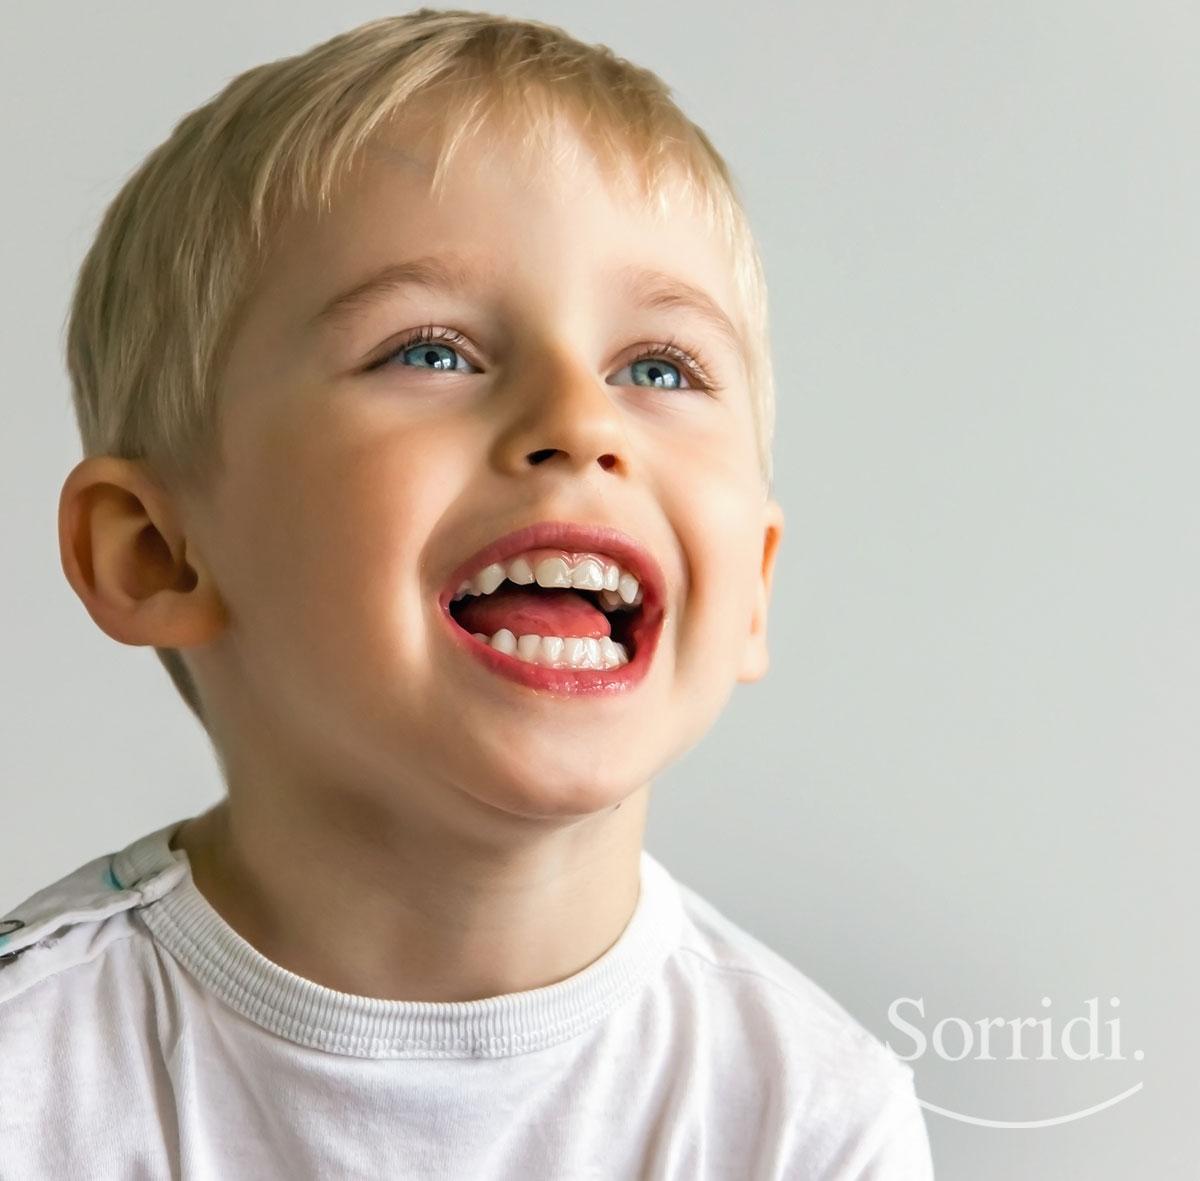 Sorridi-ch-magazine-vantaggi-della-sigillatura-dentale-nei-bambini